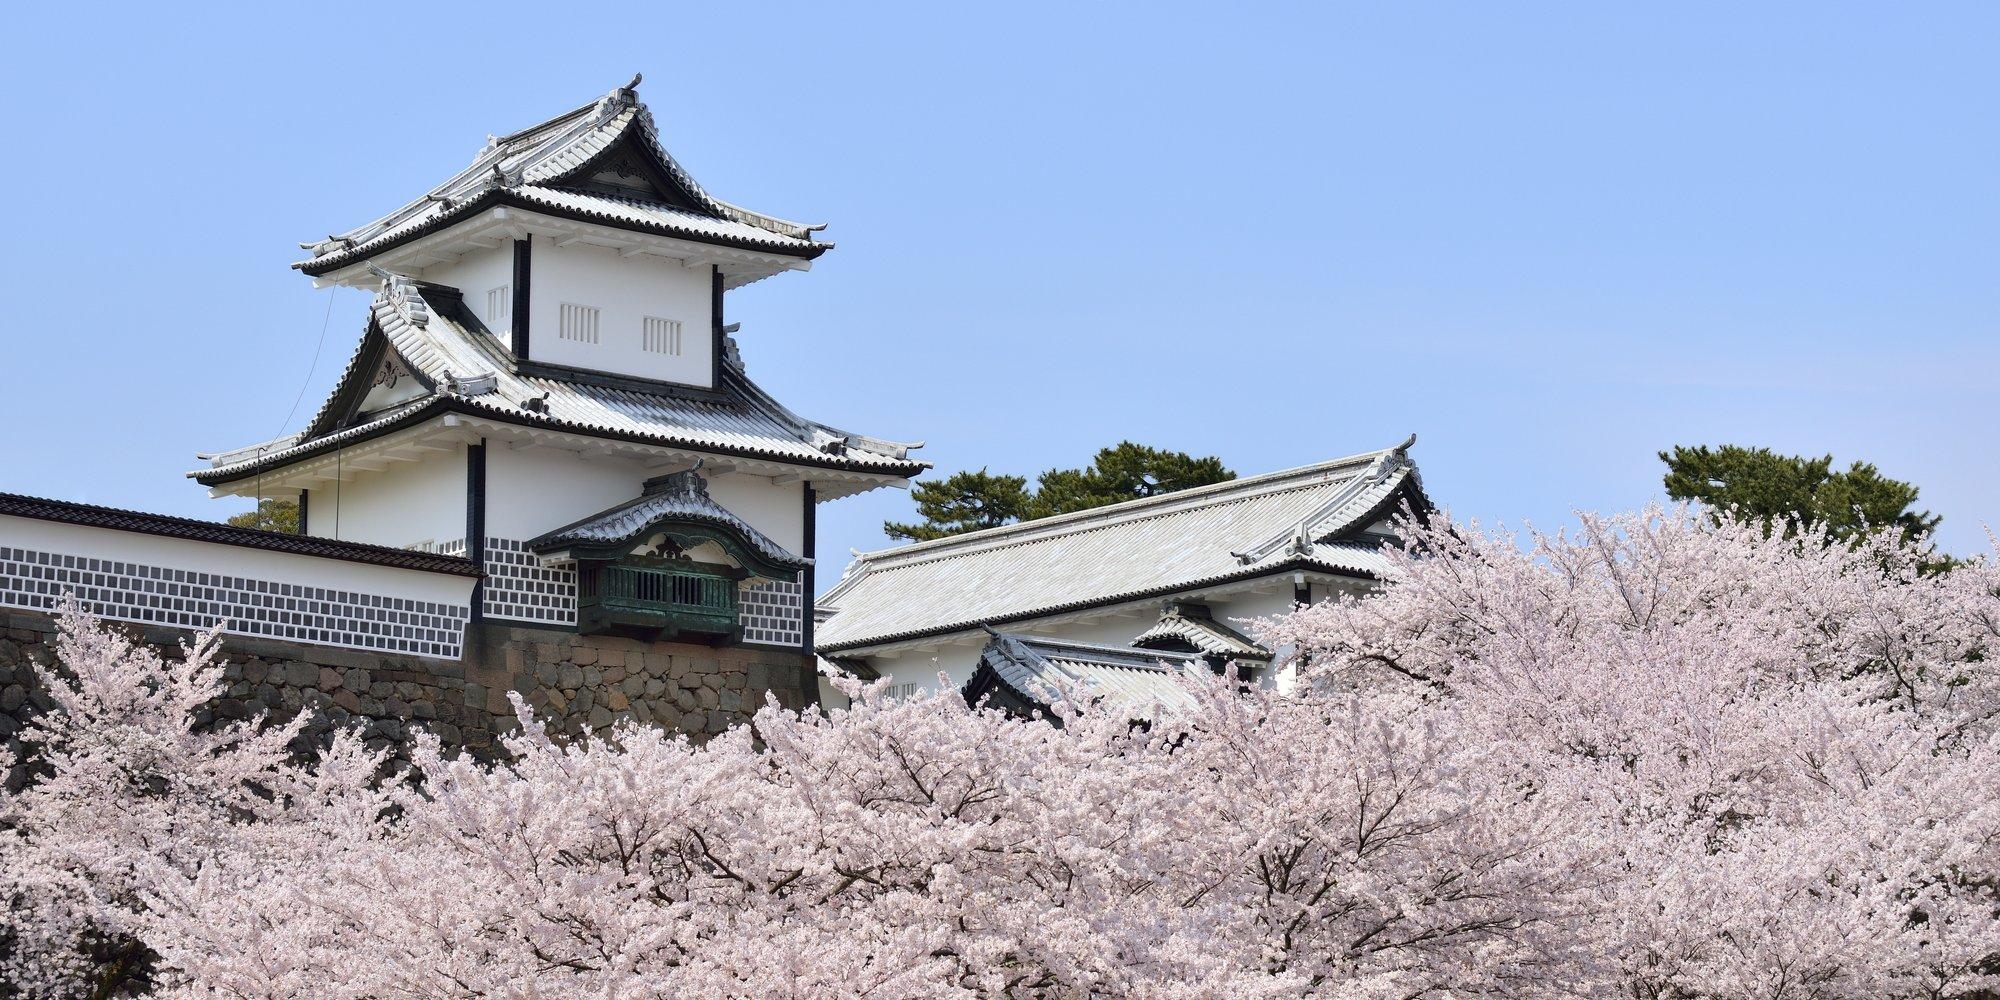 石川をめぐるモデルコース|ほっと石川旅ねっと - 能登・金沢・加賀 ...